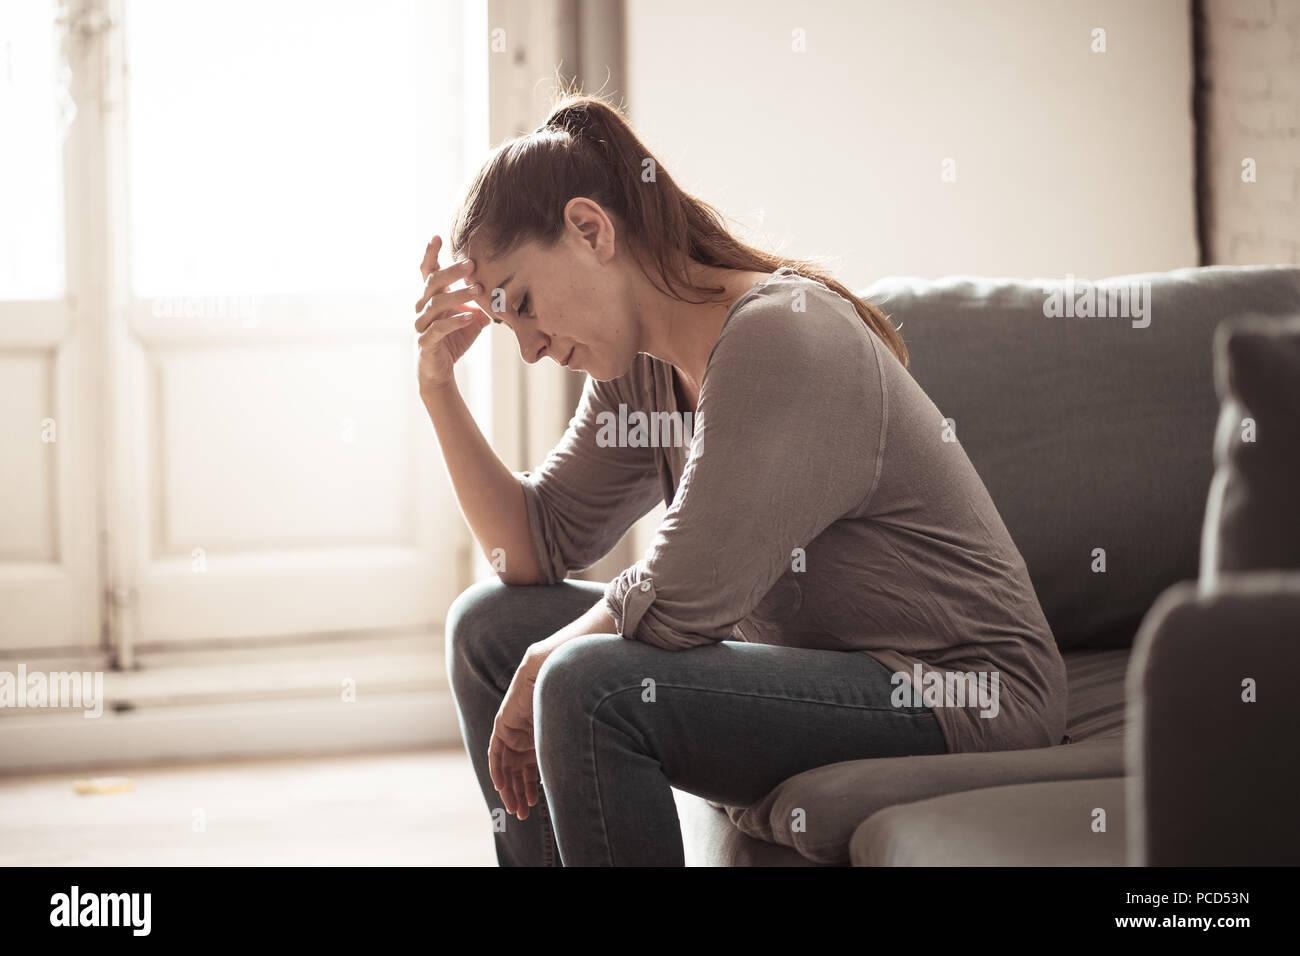 Junge attraktive Latin Frau zu Hause Wohnzimmer Couch liegend traurig müde und Sorgen leiden Depressionen in der psychischen Gesundheit, Probleme und gebrochen Stockbild